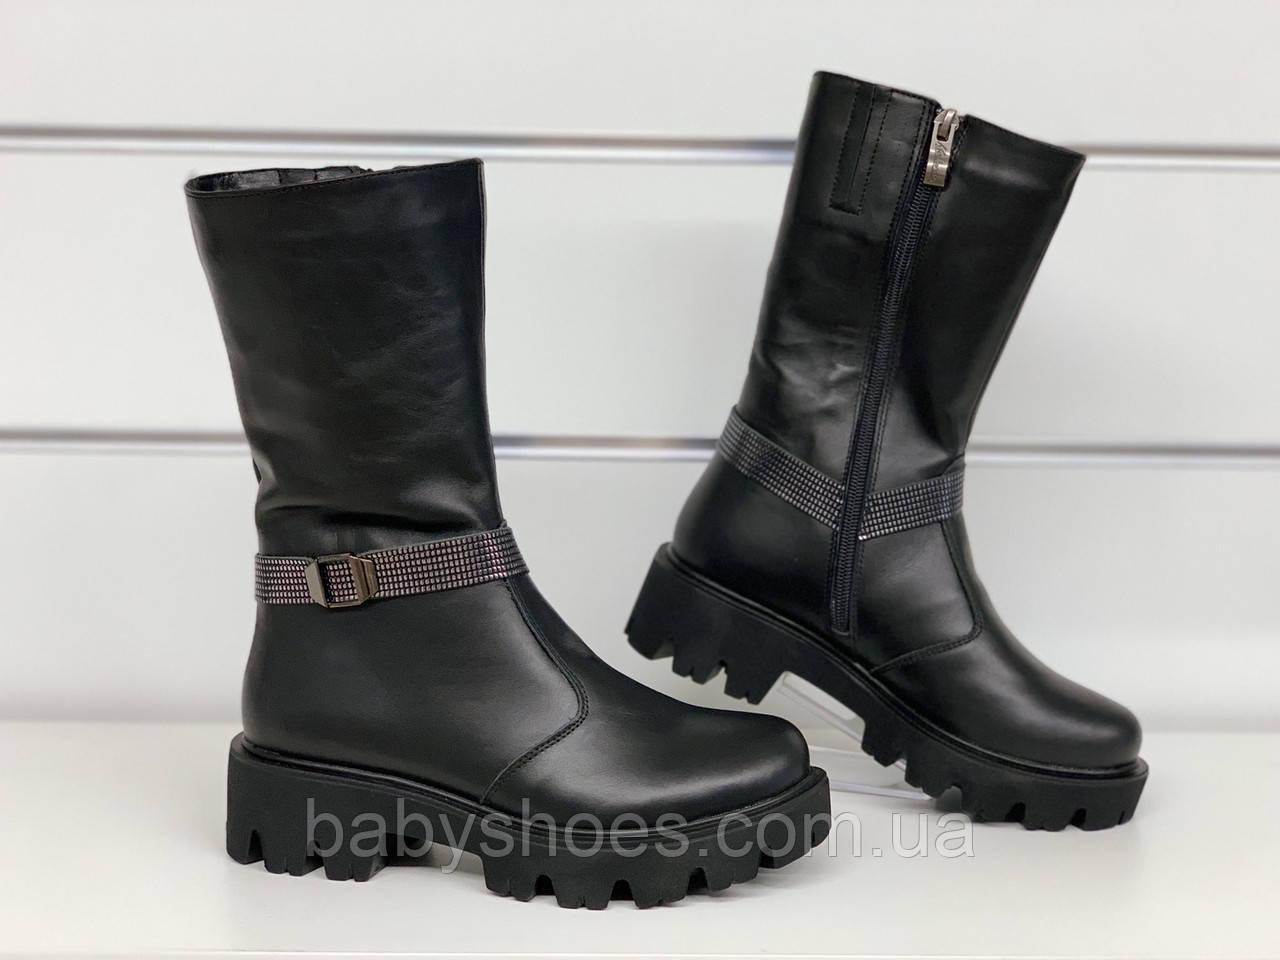 Зимние кожаные сапоги для девочки Masheros р.34-37